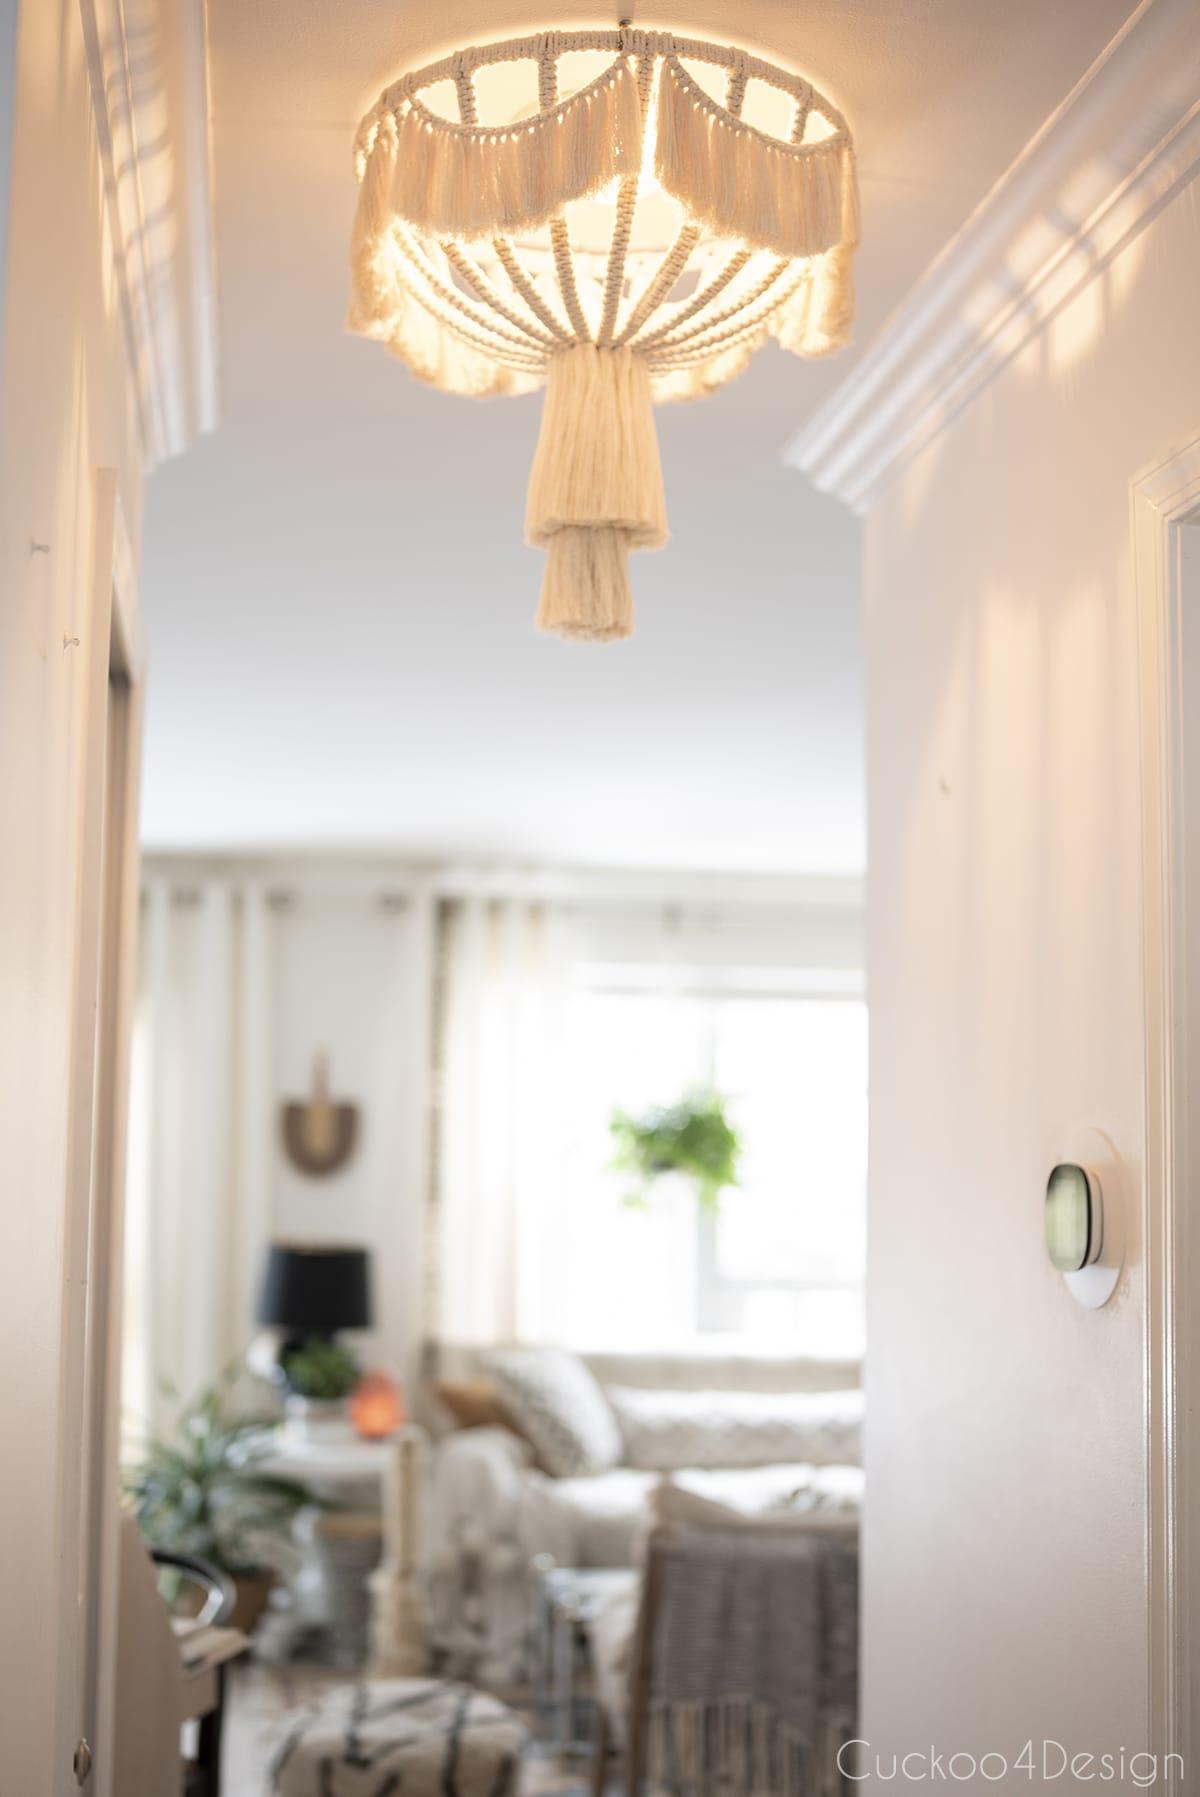 lit flush mount macrame light fixture